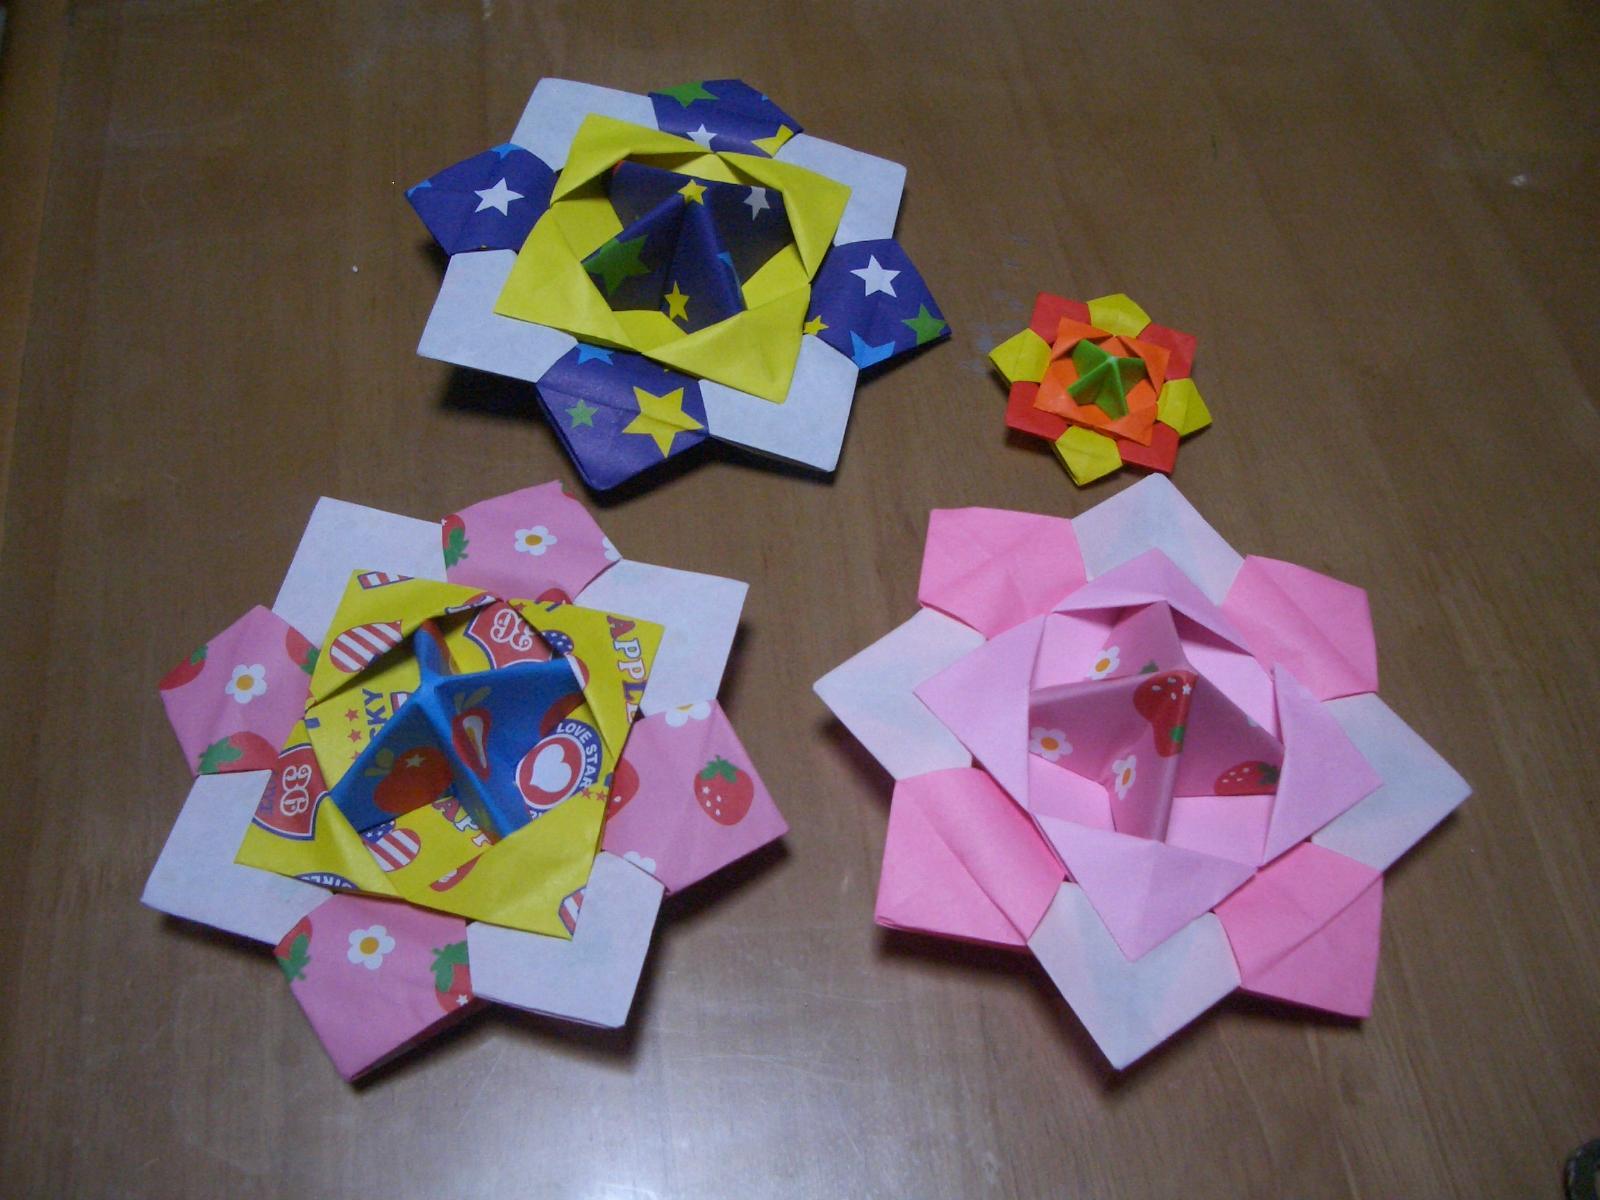 すべての折り紙 こま 折り紙 作り方 : 面白いので皆さんも是非作って ...